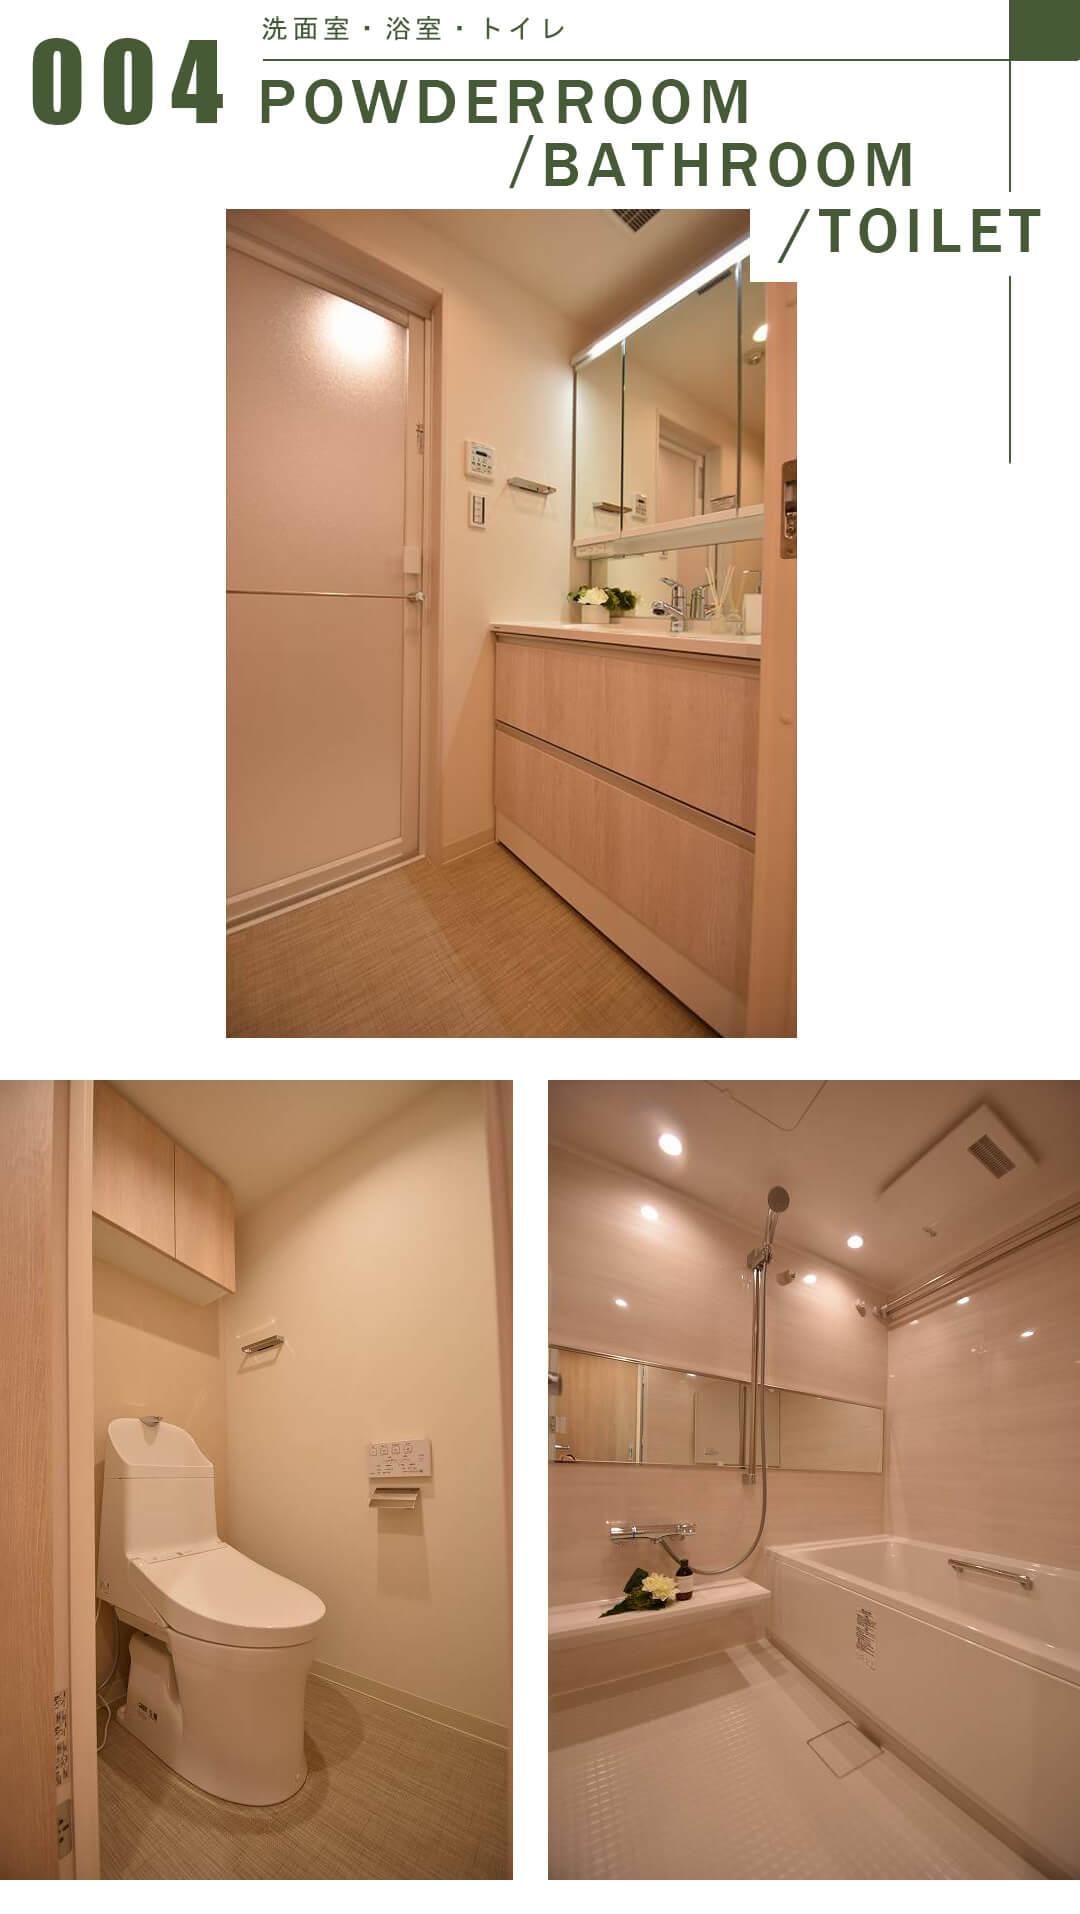 モンファイエ菊川の洗面室と浴室とトイレ